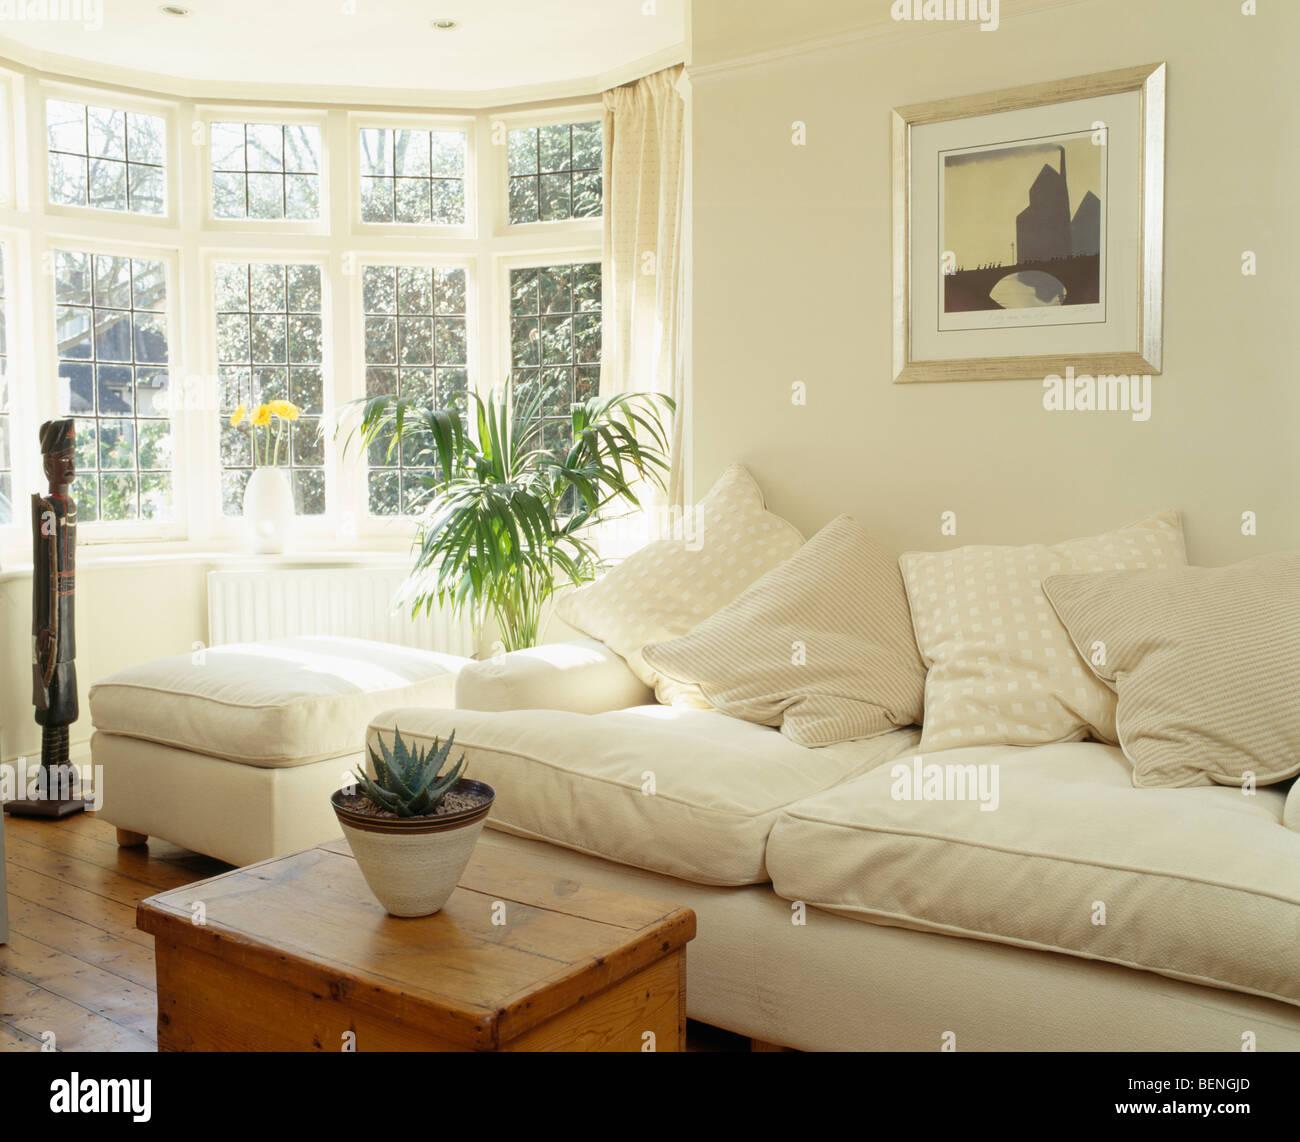 sahne sofa und kiefer box im sonnigen creme land wohnzimmer mit